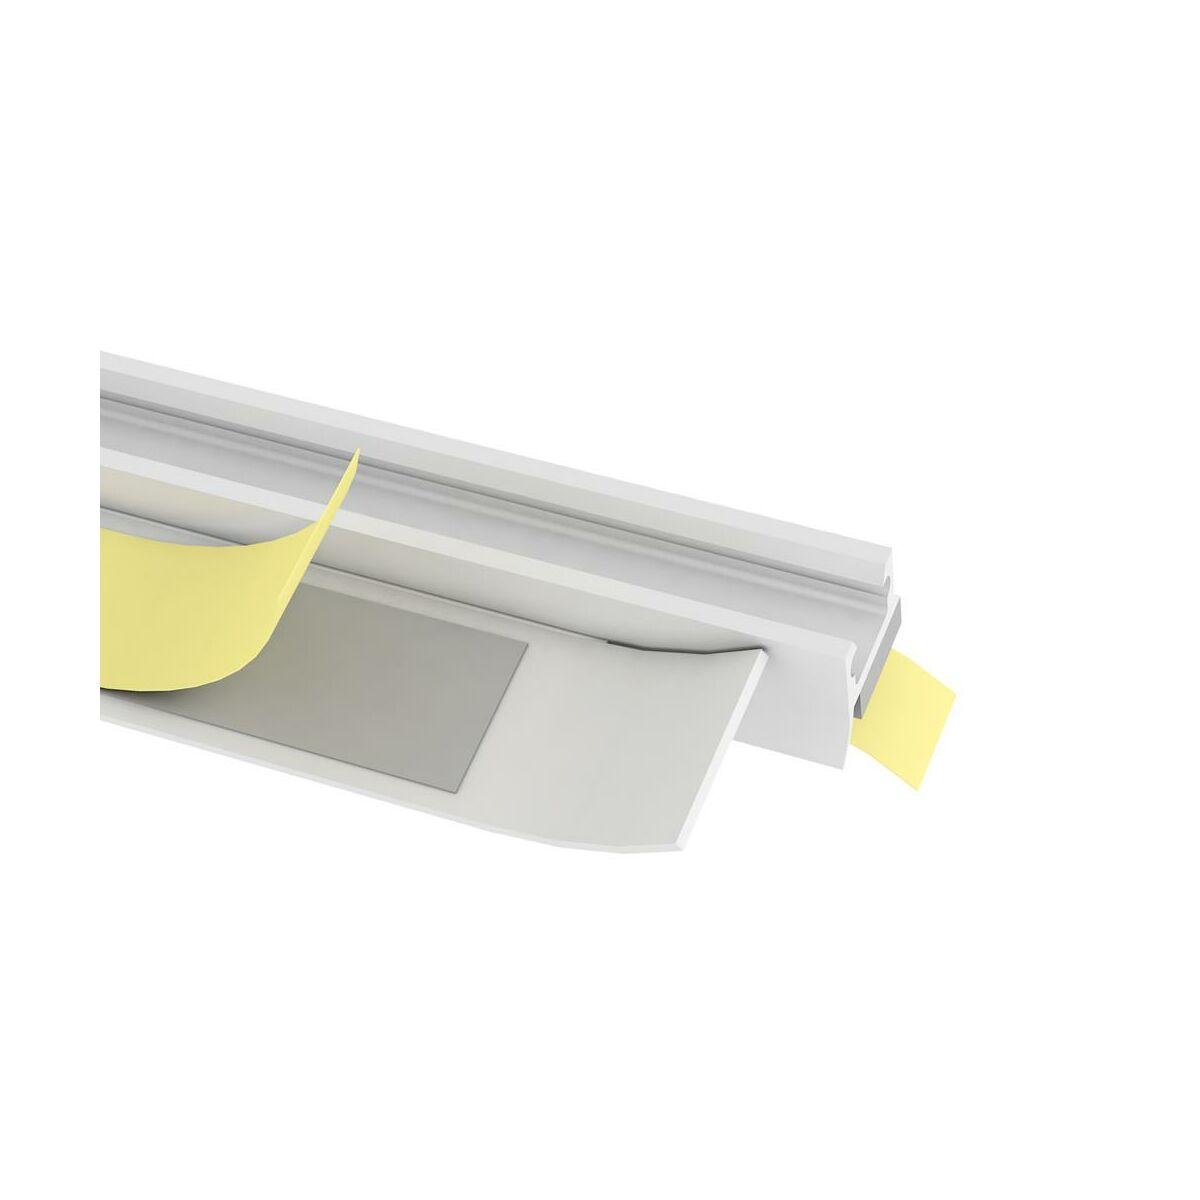 Listwa Przyokienna Pvc 3 M Protektor Akcesoria Montazowe Do Systemow Docieplen W Atrakcyjnej Cenie W Sklepach Leroy Merlin